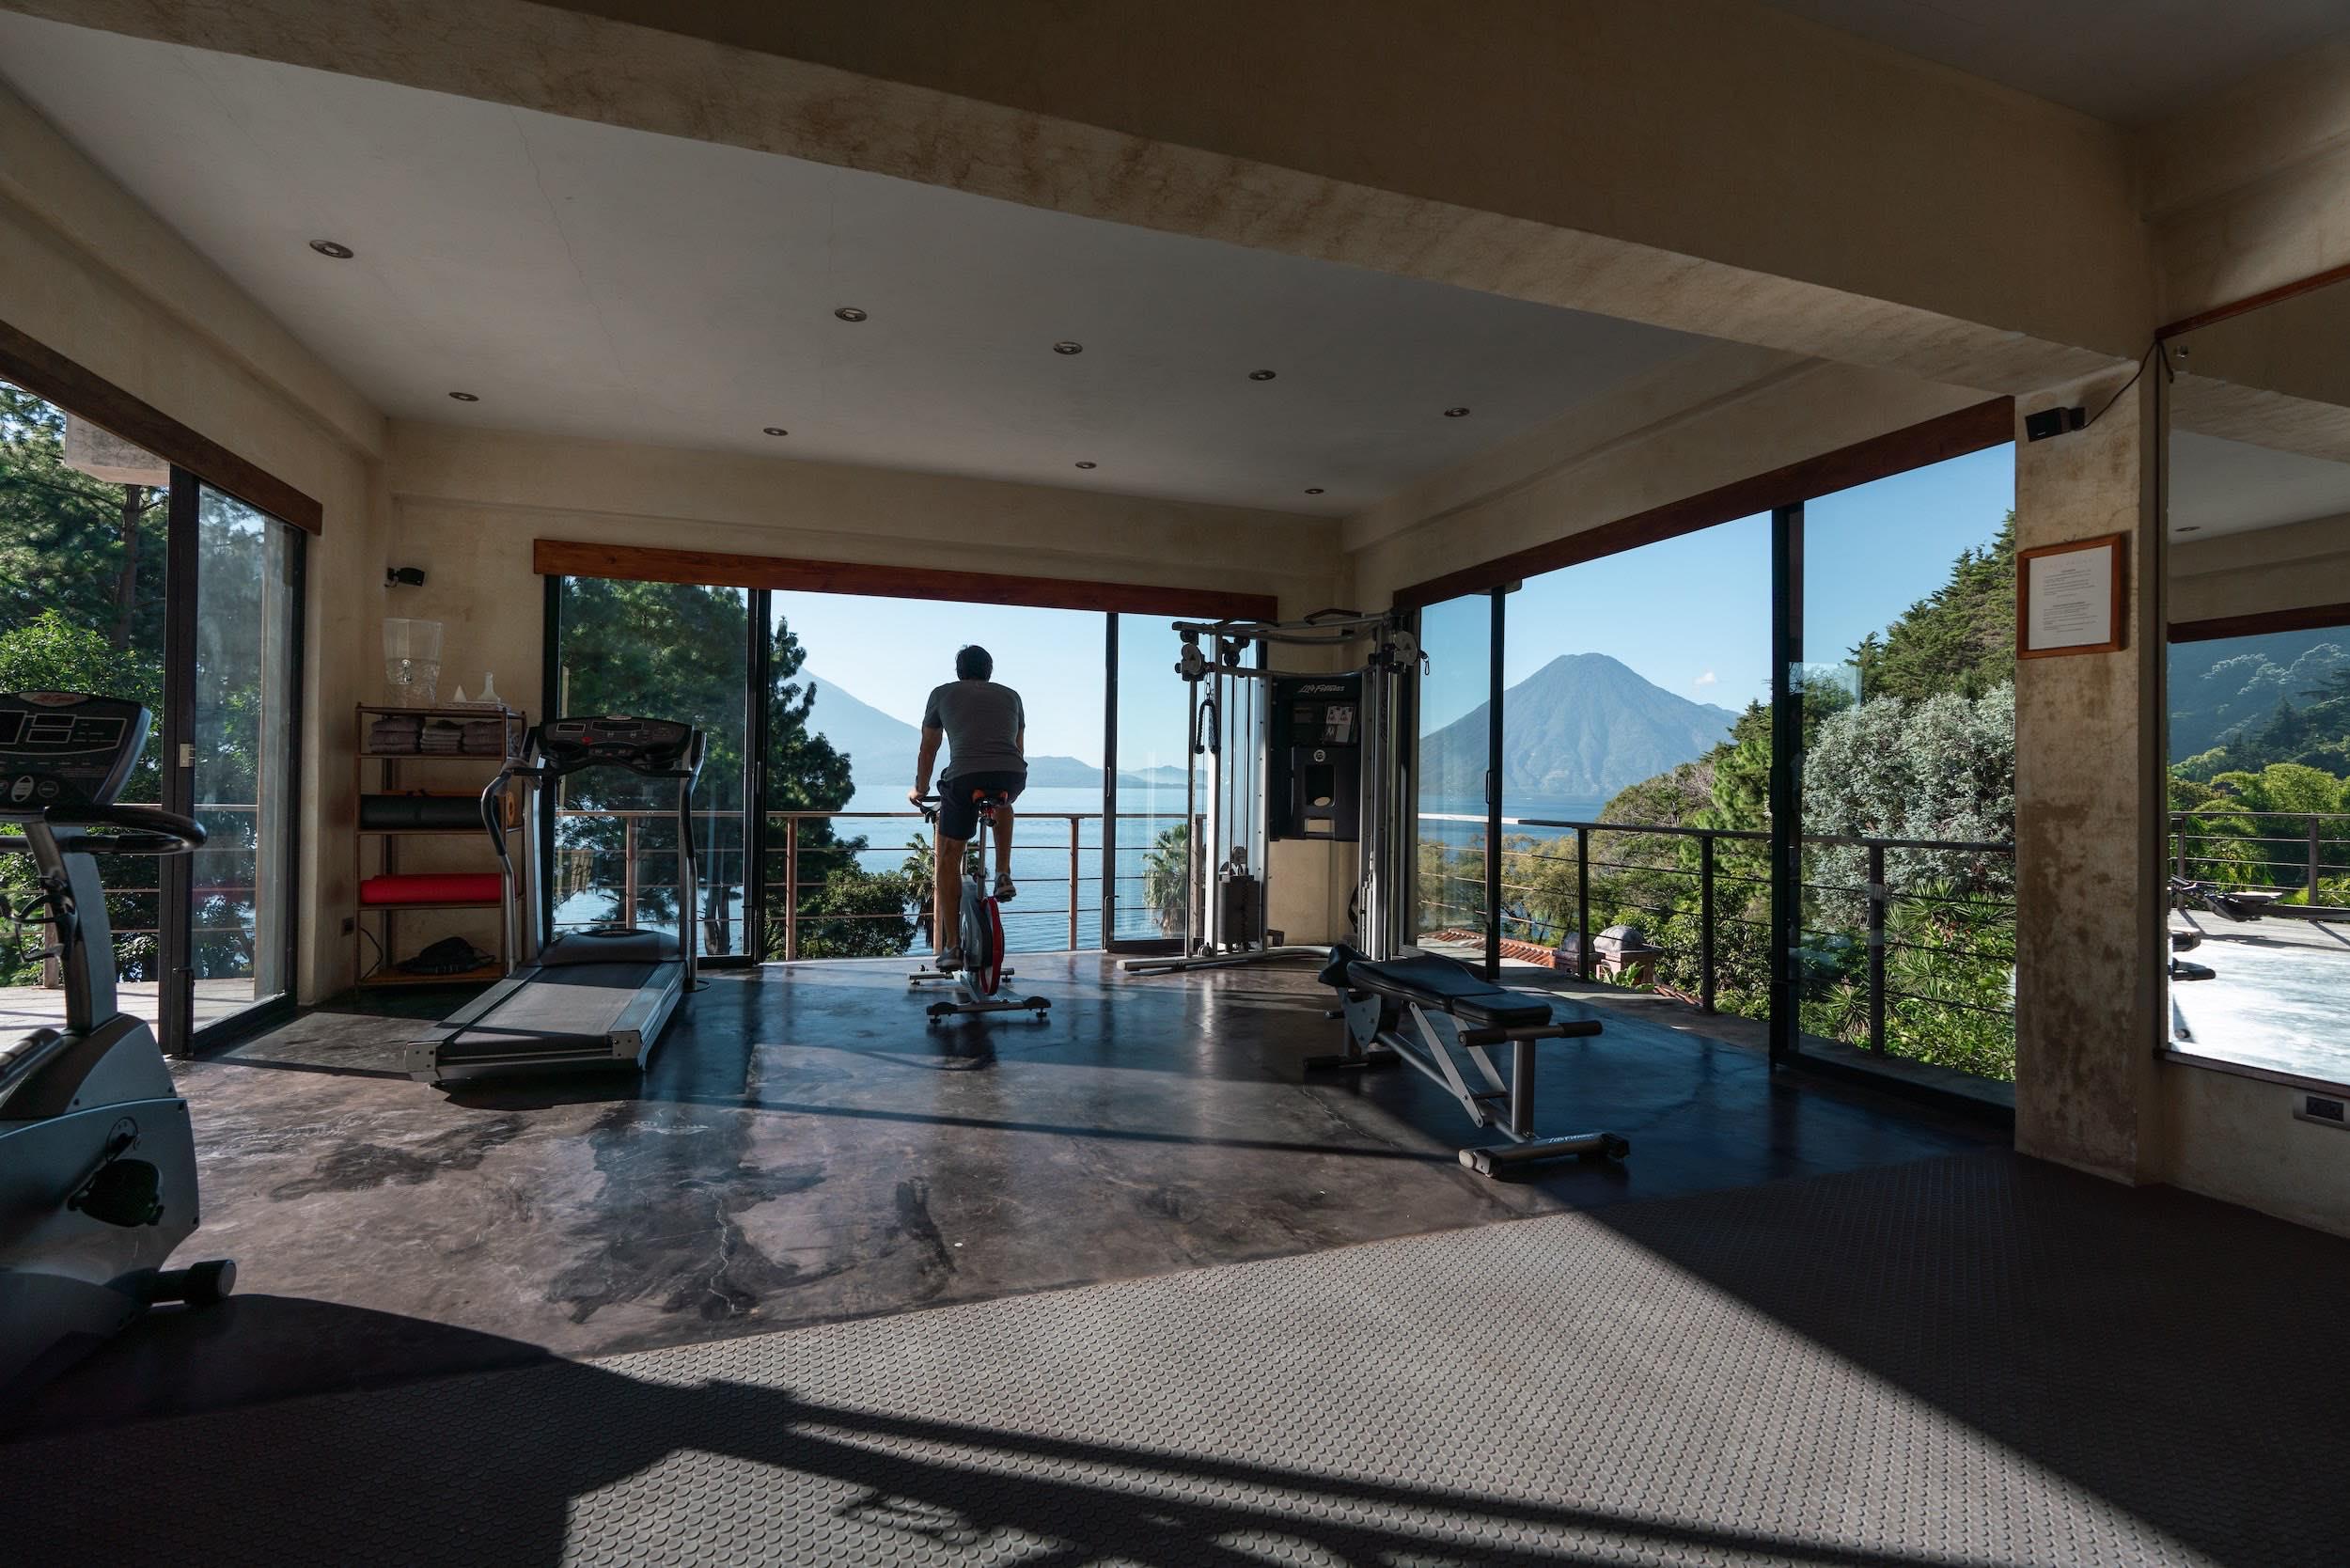 PRANA GYM - PRANA MOVEMENTSe encuentra disponible para todos los huéspedes. Se compone de un espacio de yoga, y un gimnasio con modernas instalaciones y equipos.Se pueden organizar sesiones privada de yoga con instructores expertos con anticipación.